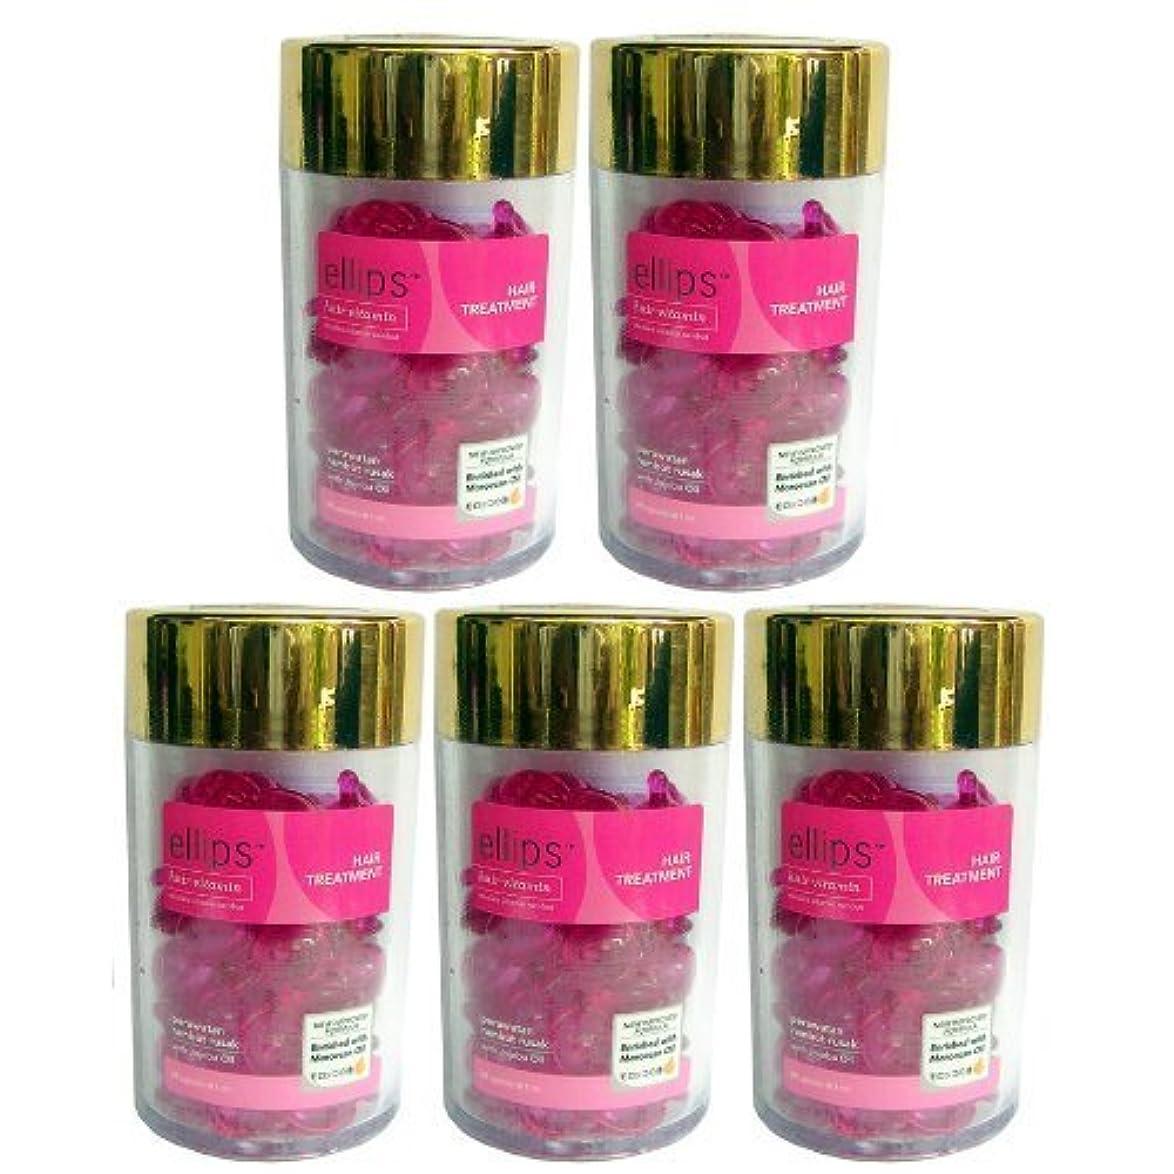 異形遺跡時計回りエリプス(Ellips) ヘアビタミン(50粒入)5個セット ピンク [海外直送品][並行輸入品]